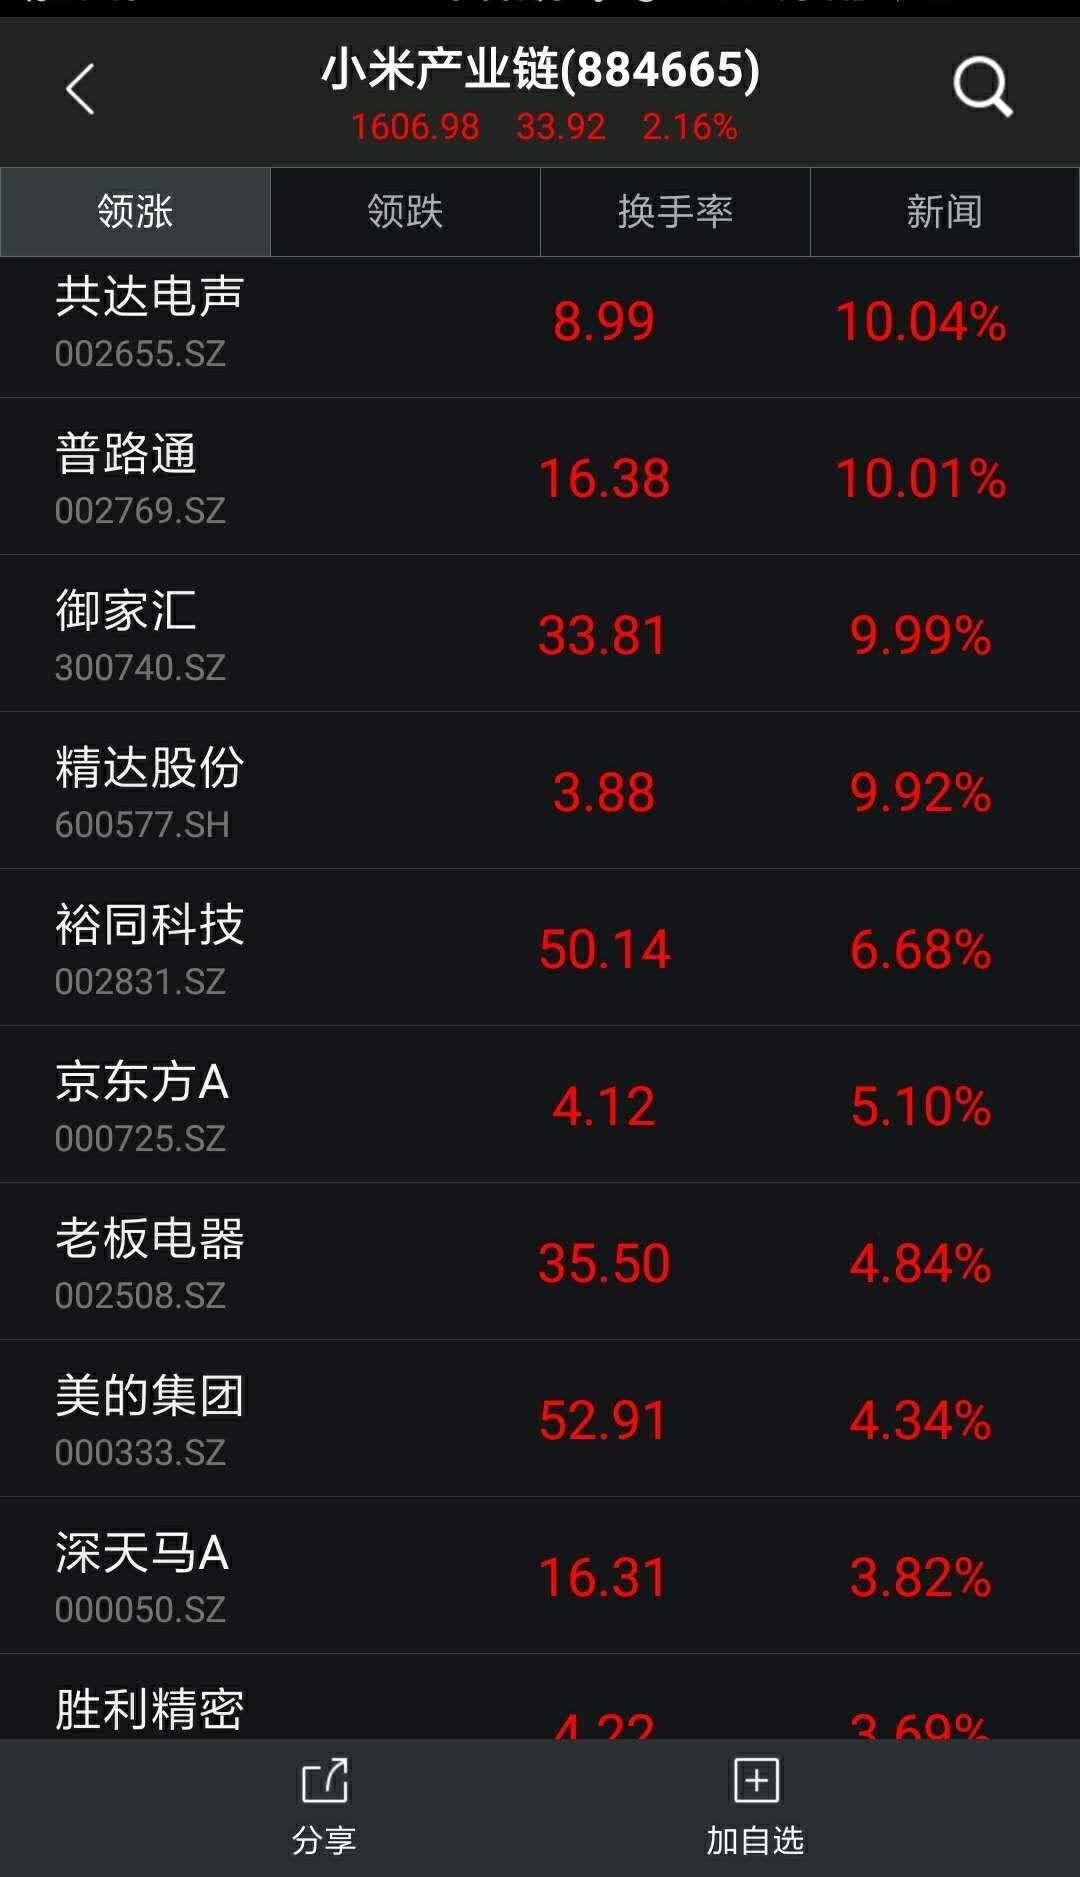 定了!小米将成首家CDR企业,这些A股小伙伴已起飞 - yuhongbo555888 - yuhongbo555888的博客